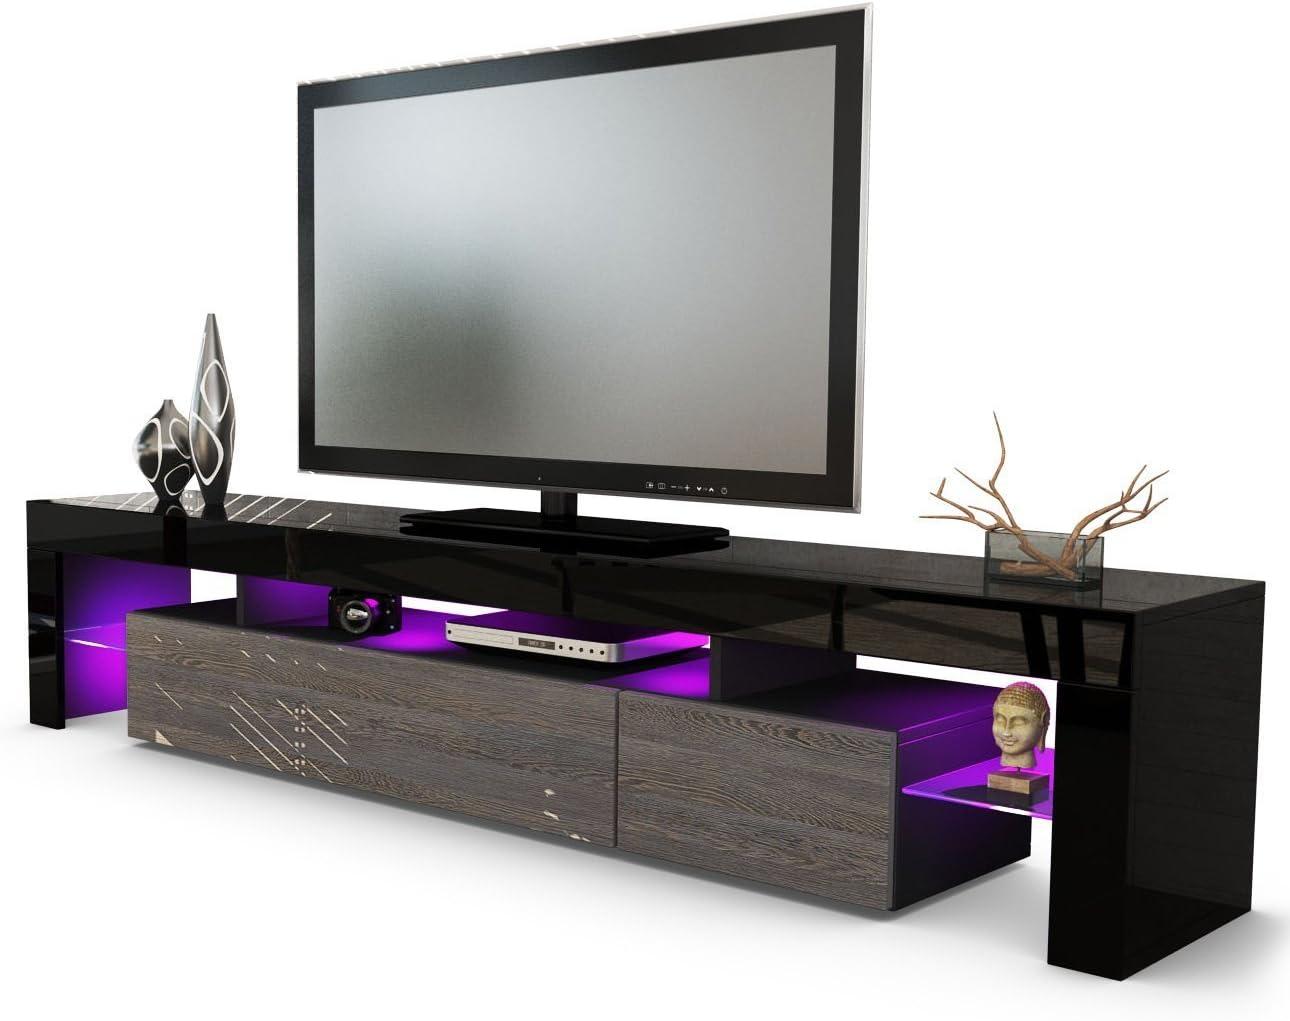 kofkever - Mueble para TV - Modelo Vivaldi - Color negro y wengué - Mueble para TV ideal para el salón moderno: Amazon.es: Hogar